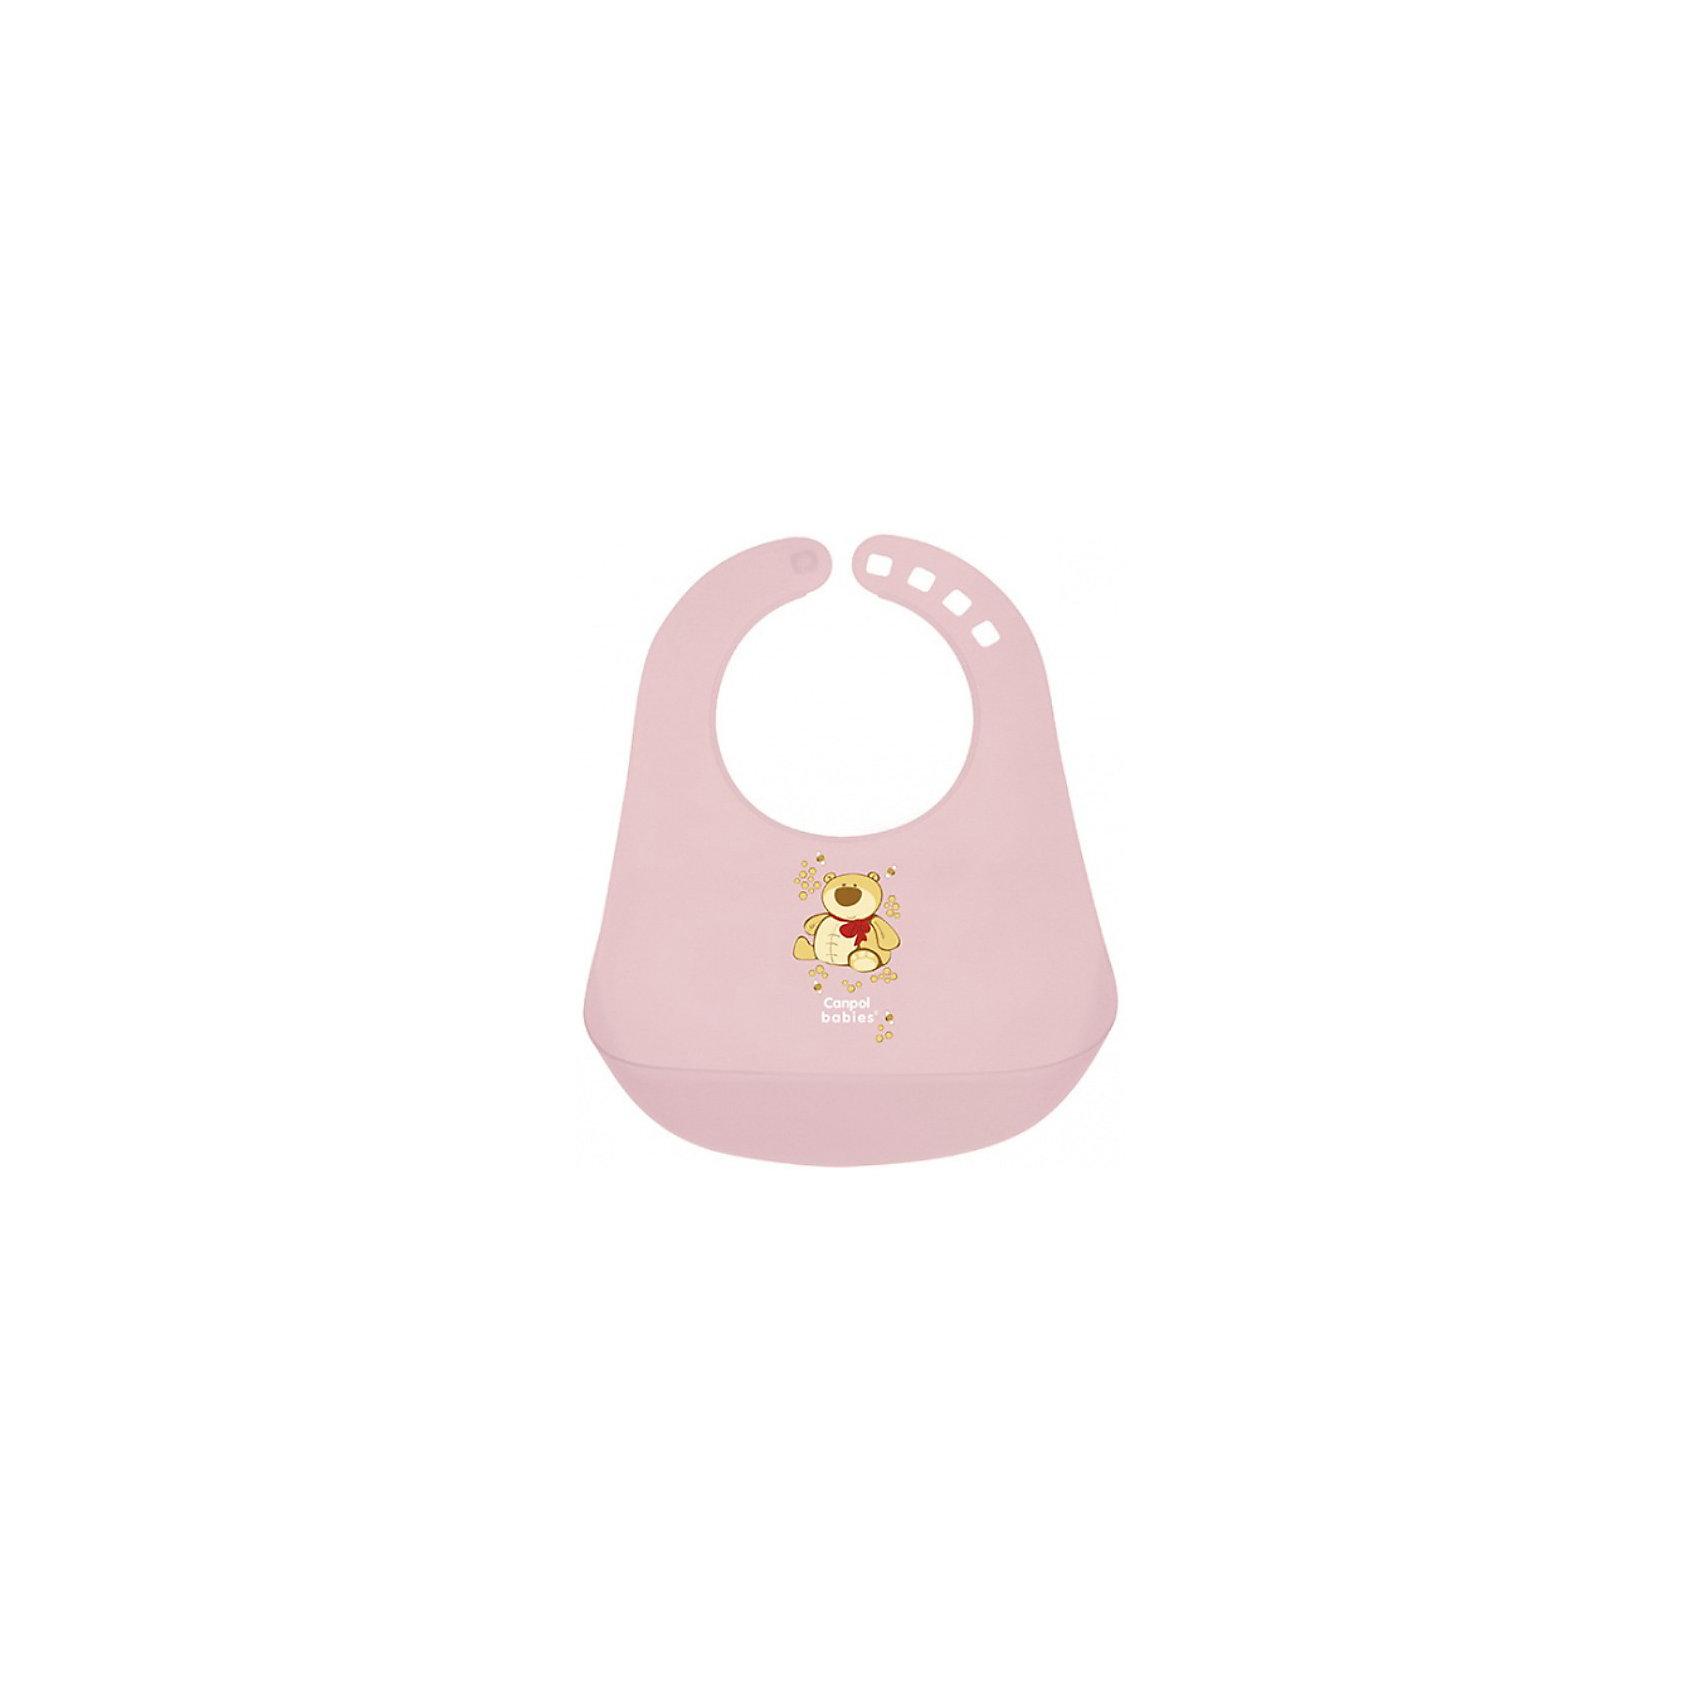 Пластиковый нагрудник, Canpol Babies, розовыйПластиковый нагрудник Canpol Babies сделает прием пиши Вашего ребенка не только более чистым, но и станет хорошим другом Вашей крохи!<br>Пластиковый нагрудник с большим карманом для остатков пищи предназначен для детей старше 12 месяцев. Помогает защитить одежду ребенка от загрязнения. Его легко содержать в чистоте. После каждого использования мойте нагрудник в теплой мыльной воде.<br>Мягкая горловина нагрудника не поцарапает нежную шею Вашего ребенка, а замочек поможет легко и быстро закрепить нагрудник в нужном положении.<br>Благодаря пластиковому нагруднику Canpol Babies одежда малыша останется чистой после еды!<br>Пластиковый нагрудник Canpol Babies можно купить в нашем интернет-магазине.<br><br>Ширина мм: 230<br>Глубина мм: 400<br>Высота мм: 55<br>Вес г: 88<br>Возраст от месяцев: 12<br>Возраст до месяцев: 36<br>Пол: Женский<br>Возраст: Детский<br>SKU: 3837143